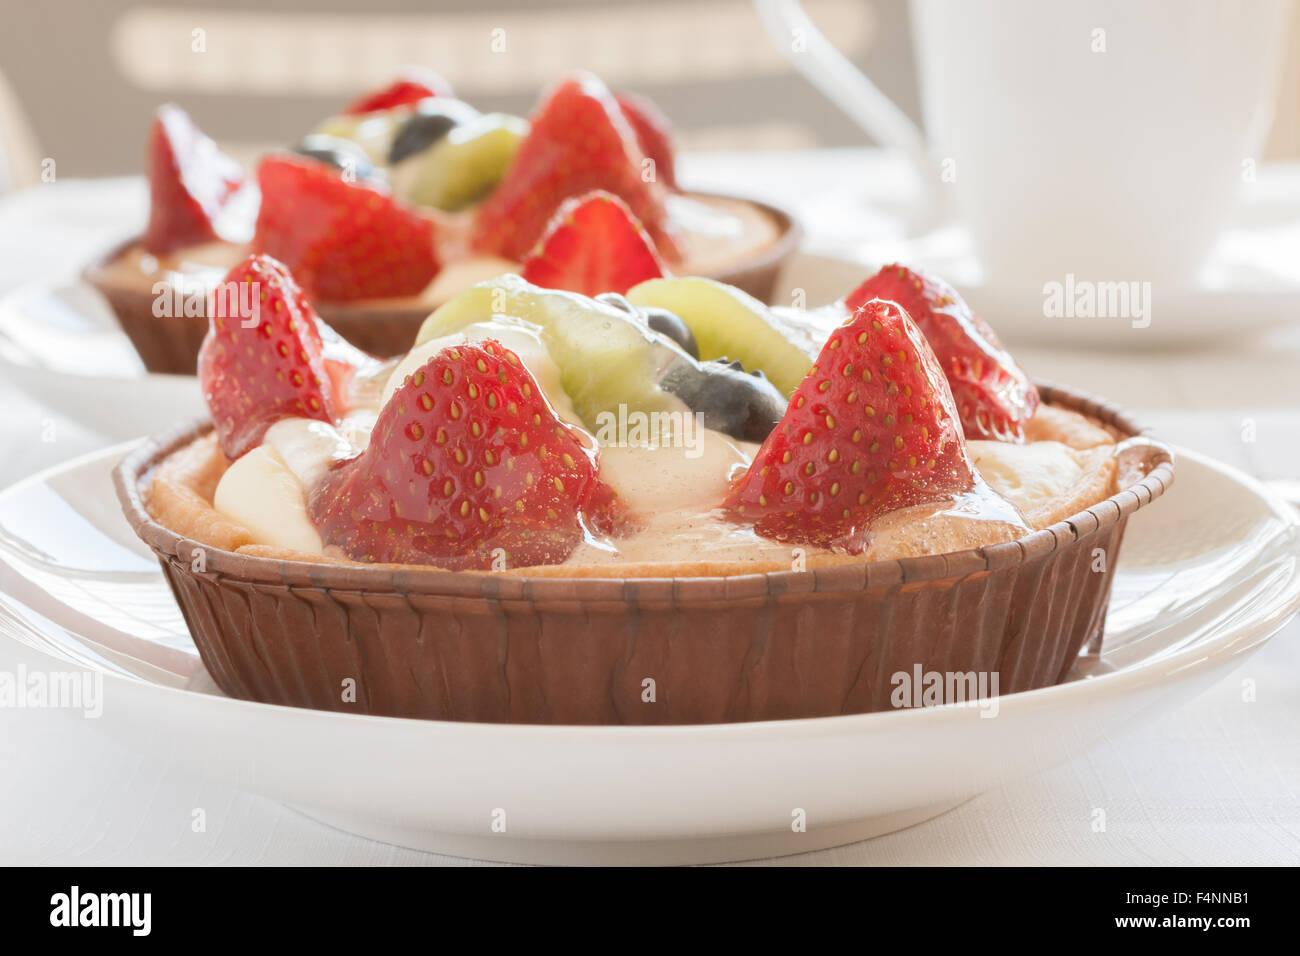 Crostate di frutta fatta riempito con crema di fragole patissiere kiwi e mirtilli Immagini Stock